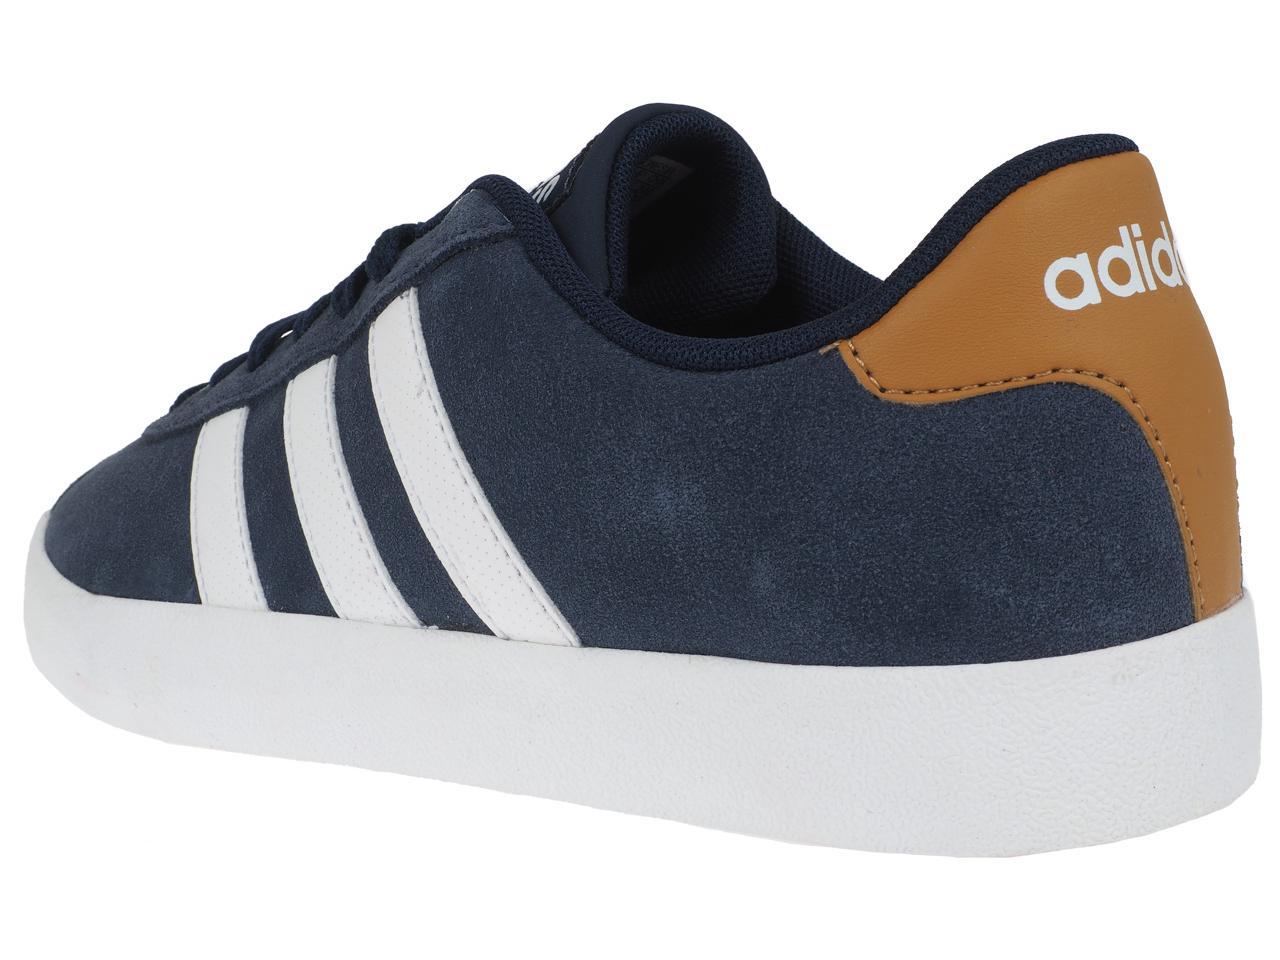 Chaussures-mode-ville-Adidas-neo-Court-vulc-Bleu-